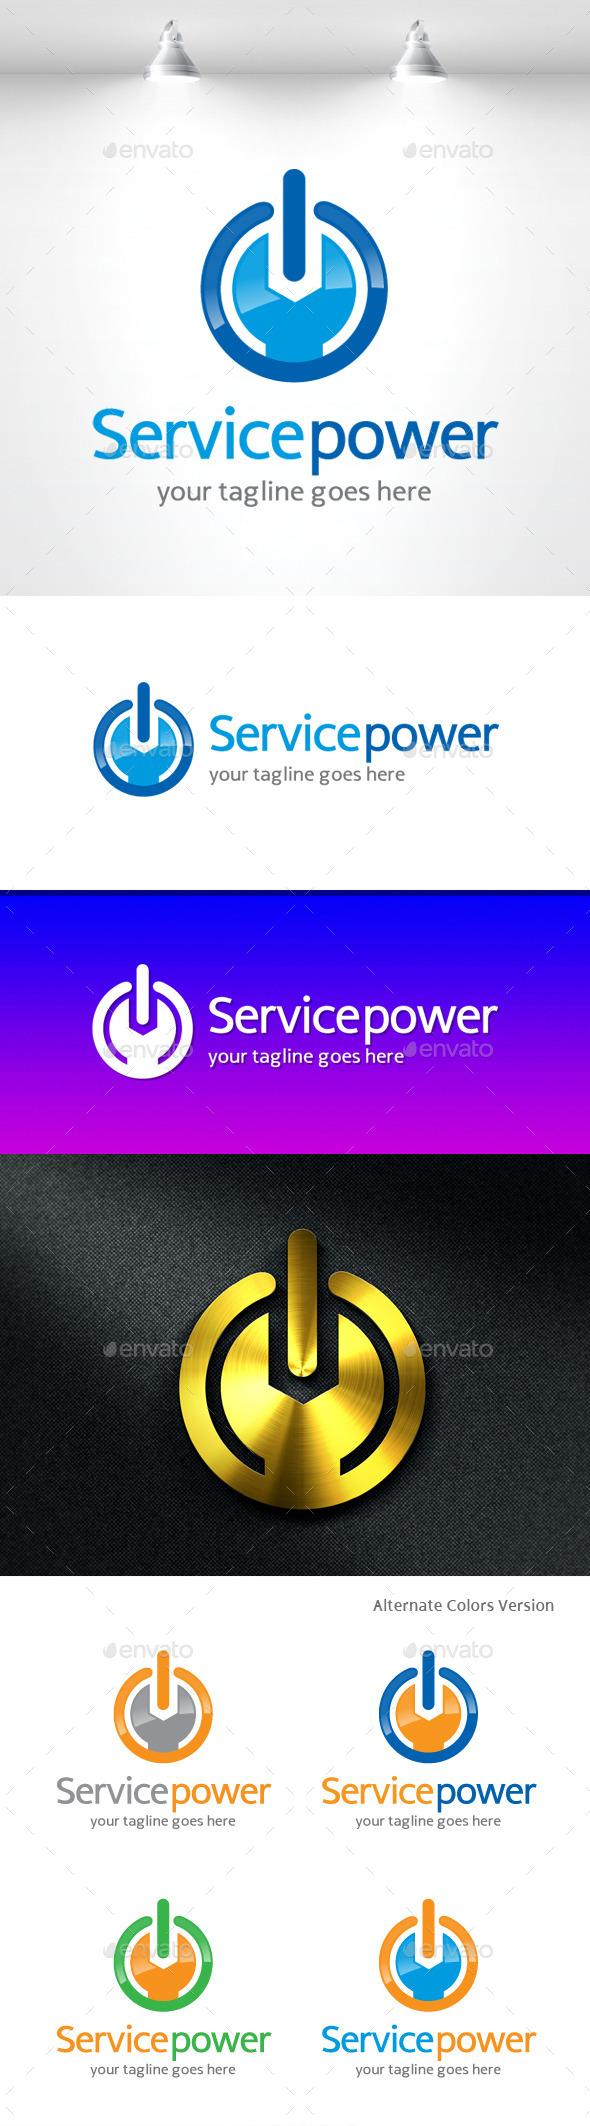 GraphicRiver Service Power Logo 11454897